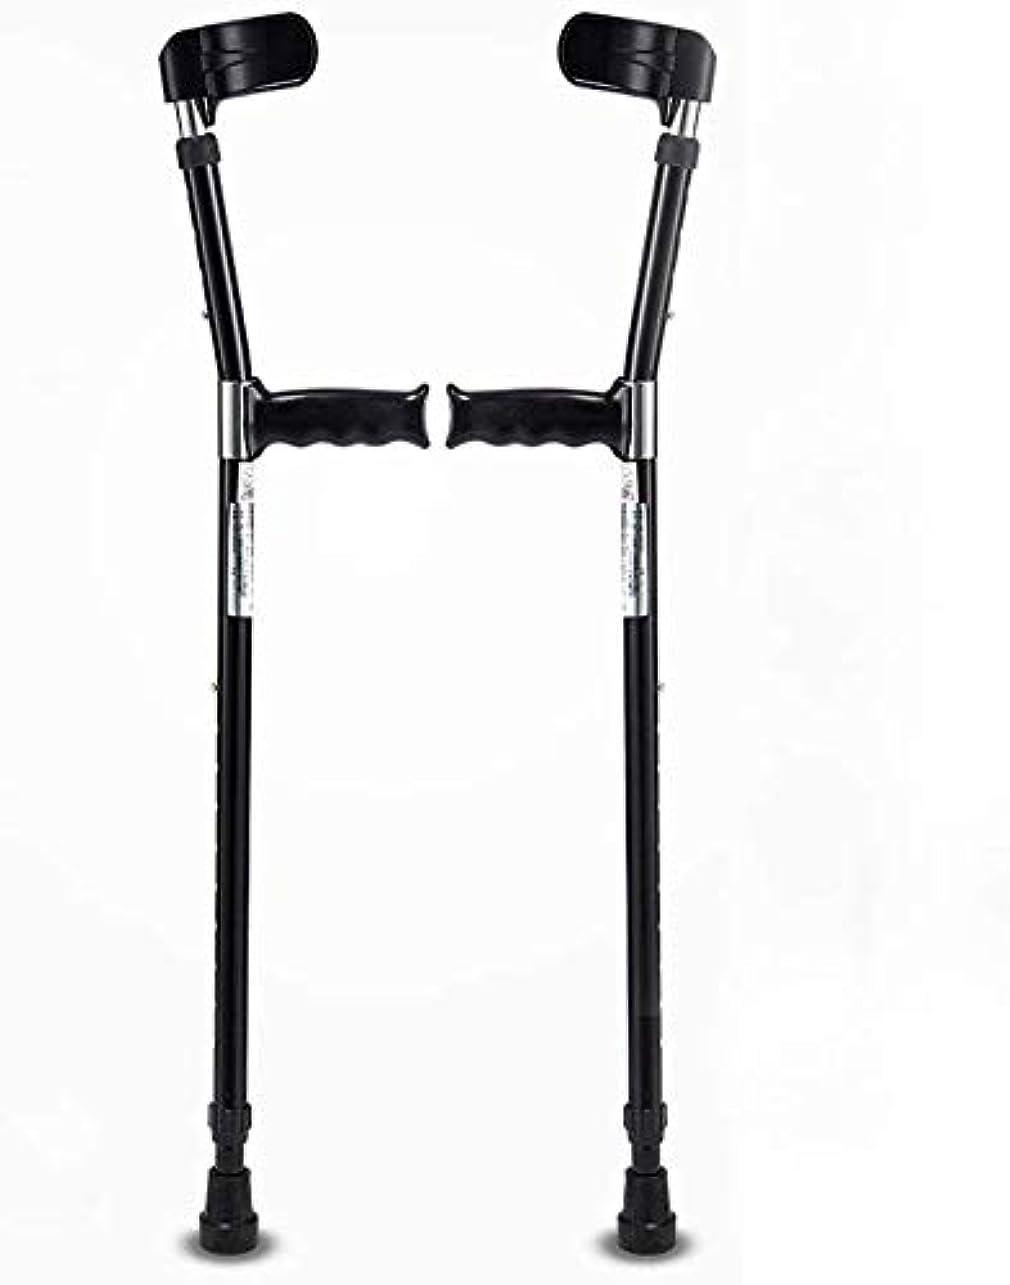 集めるラブアクチュエータ身体障害者松葉杖/障害者のための杖歩行障害者ブラックウォーカー長さ87-117 cm(34.25-46.06インチ)(サイズ:2)